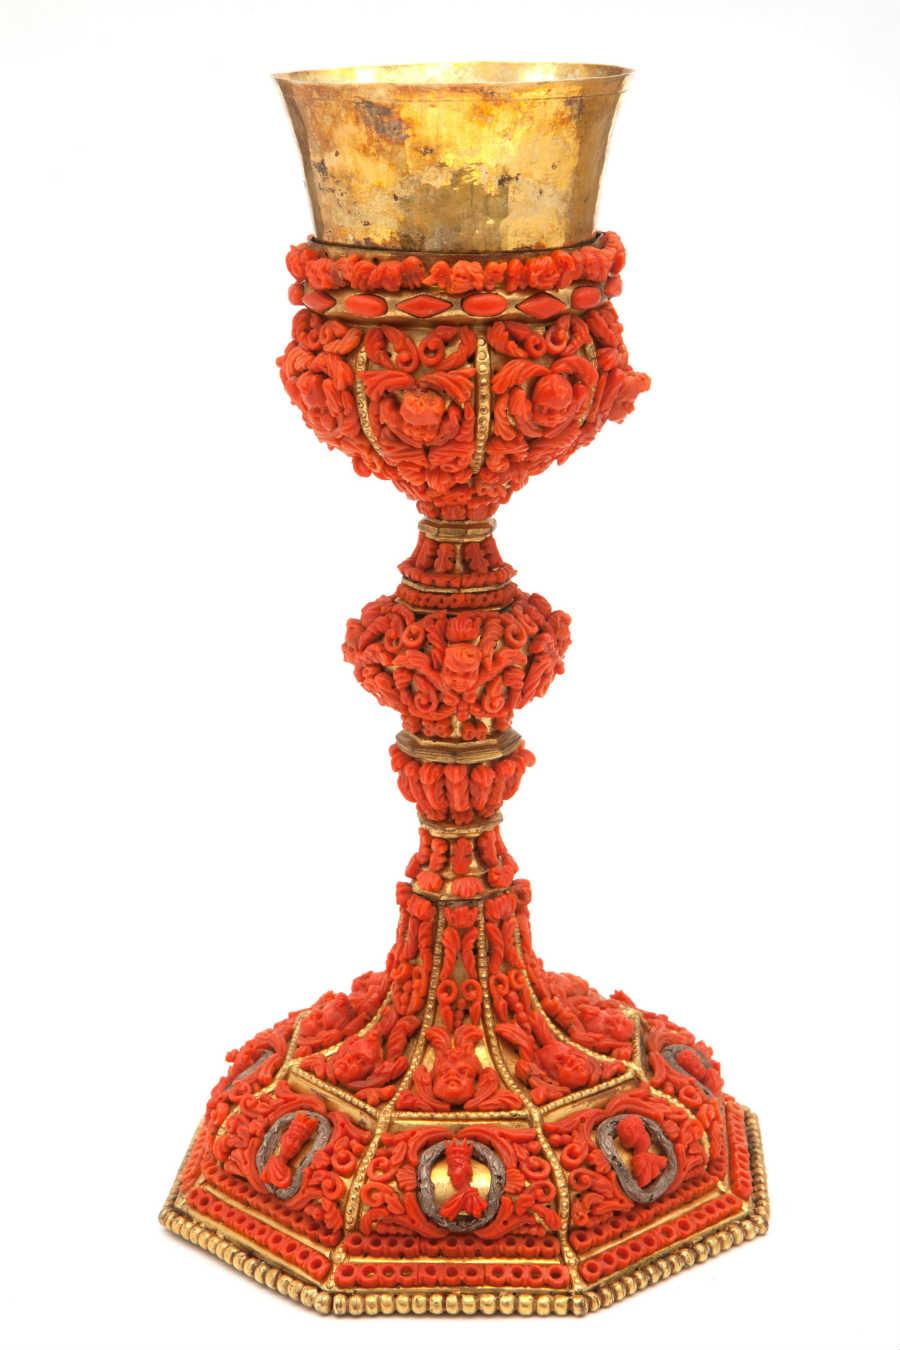 Enzo Liverino - Prezioso calice in rame dorato, decorato con corallo Sciacca del Mediterraneo, custodito presso il Museo del Corallo della famiglia Liverino.